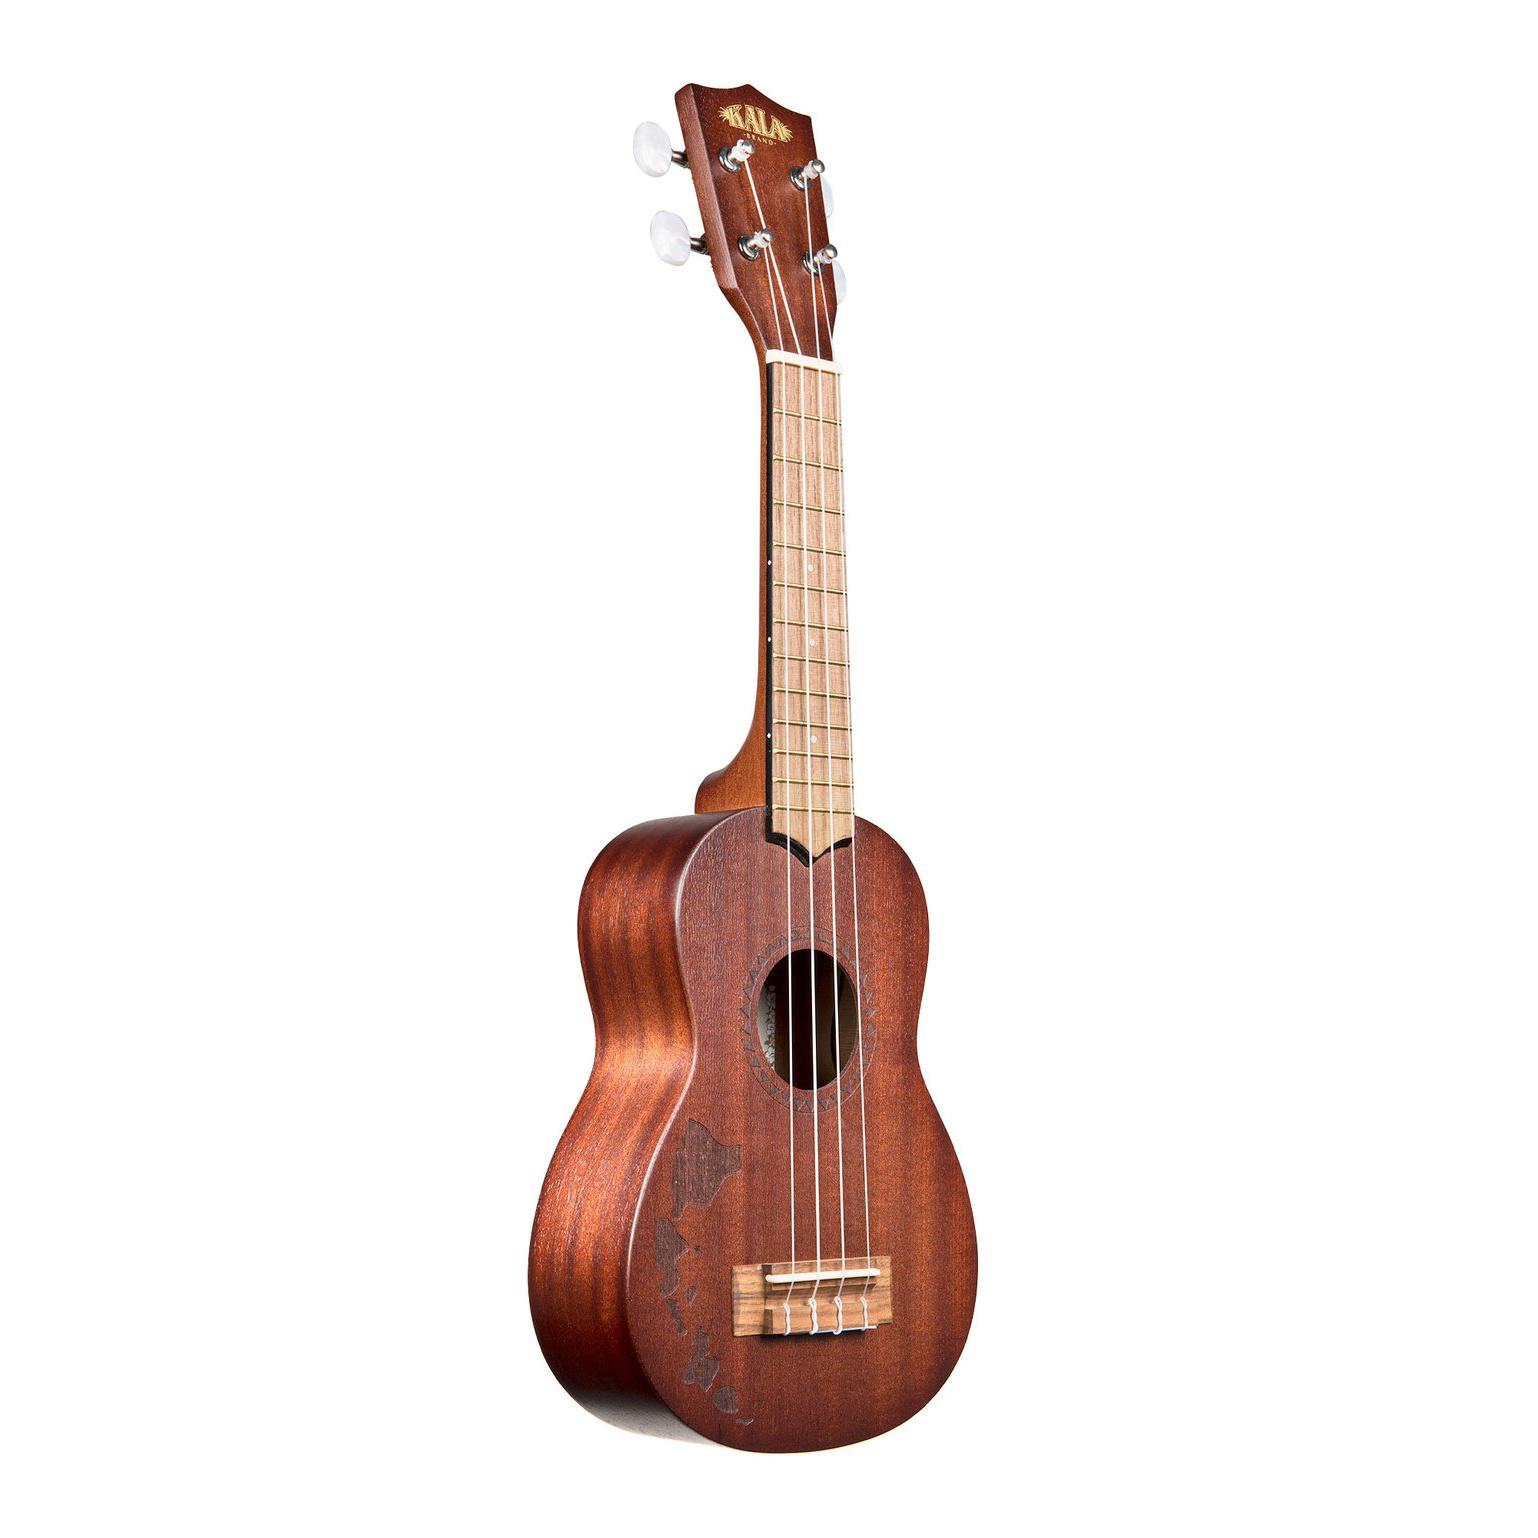 Kala Brand Mahogany Soprano Ukulele, No Binding w/ Hawaiian Islands